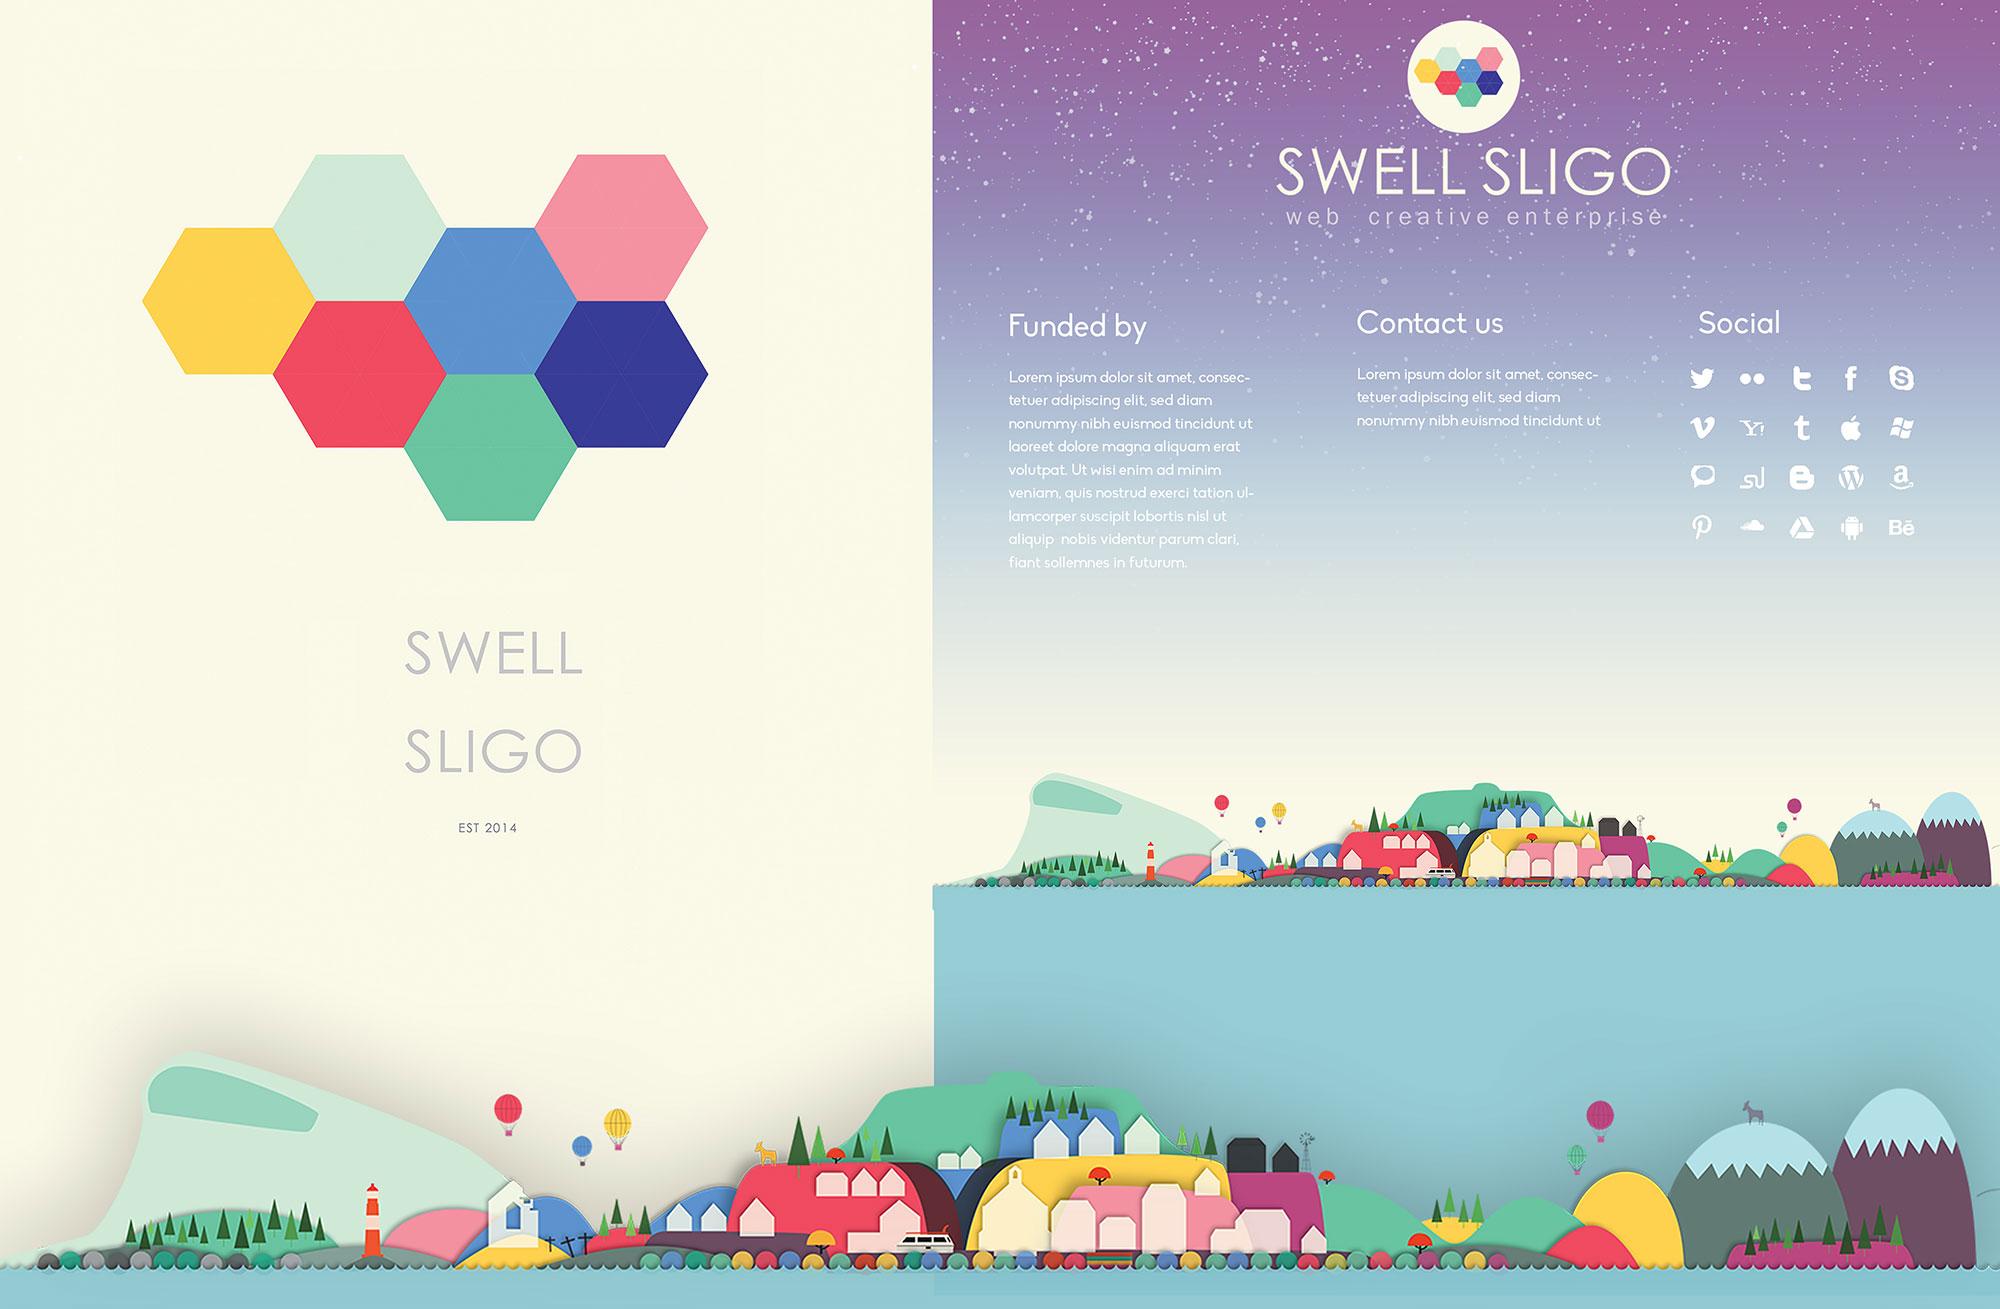 Swell-Sligo.jpg